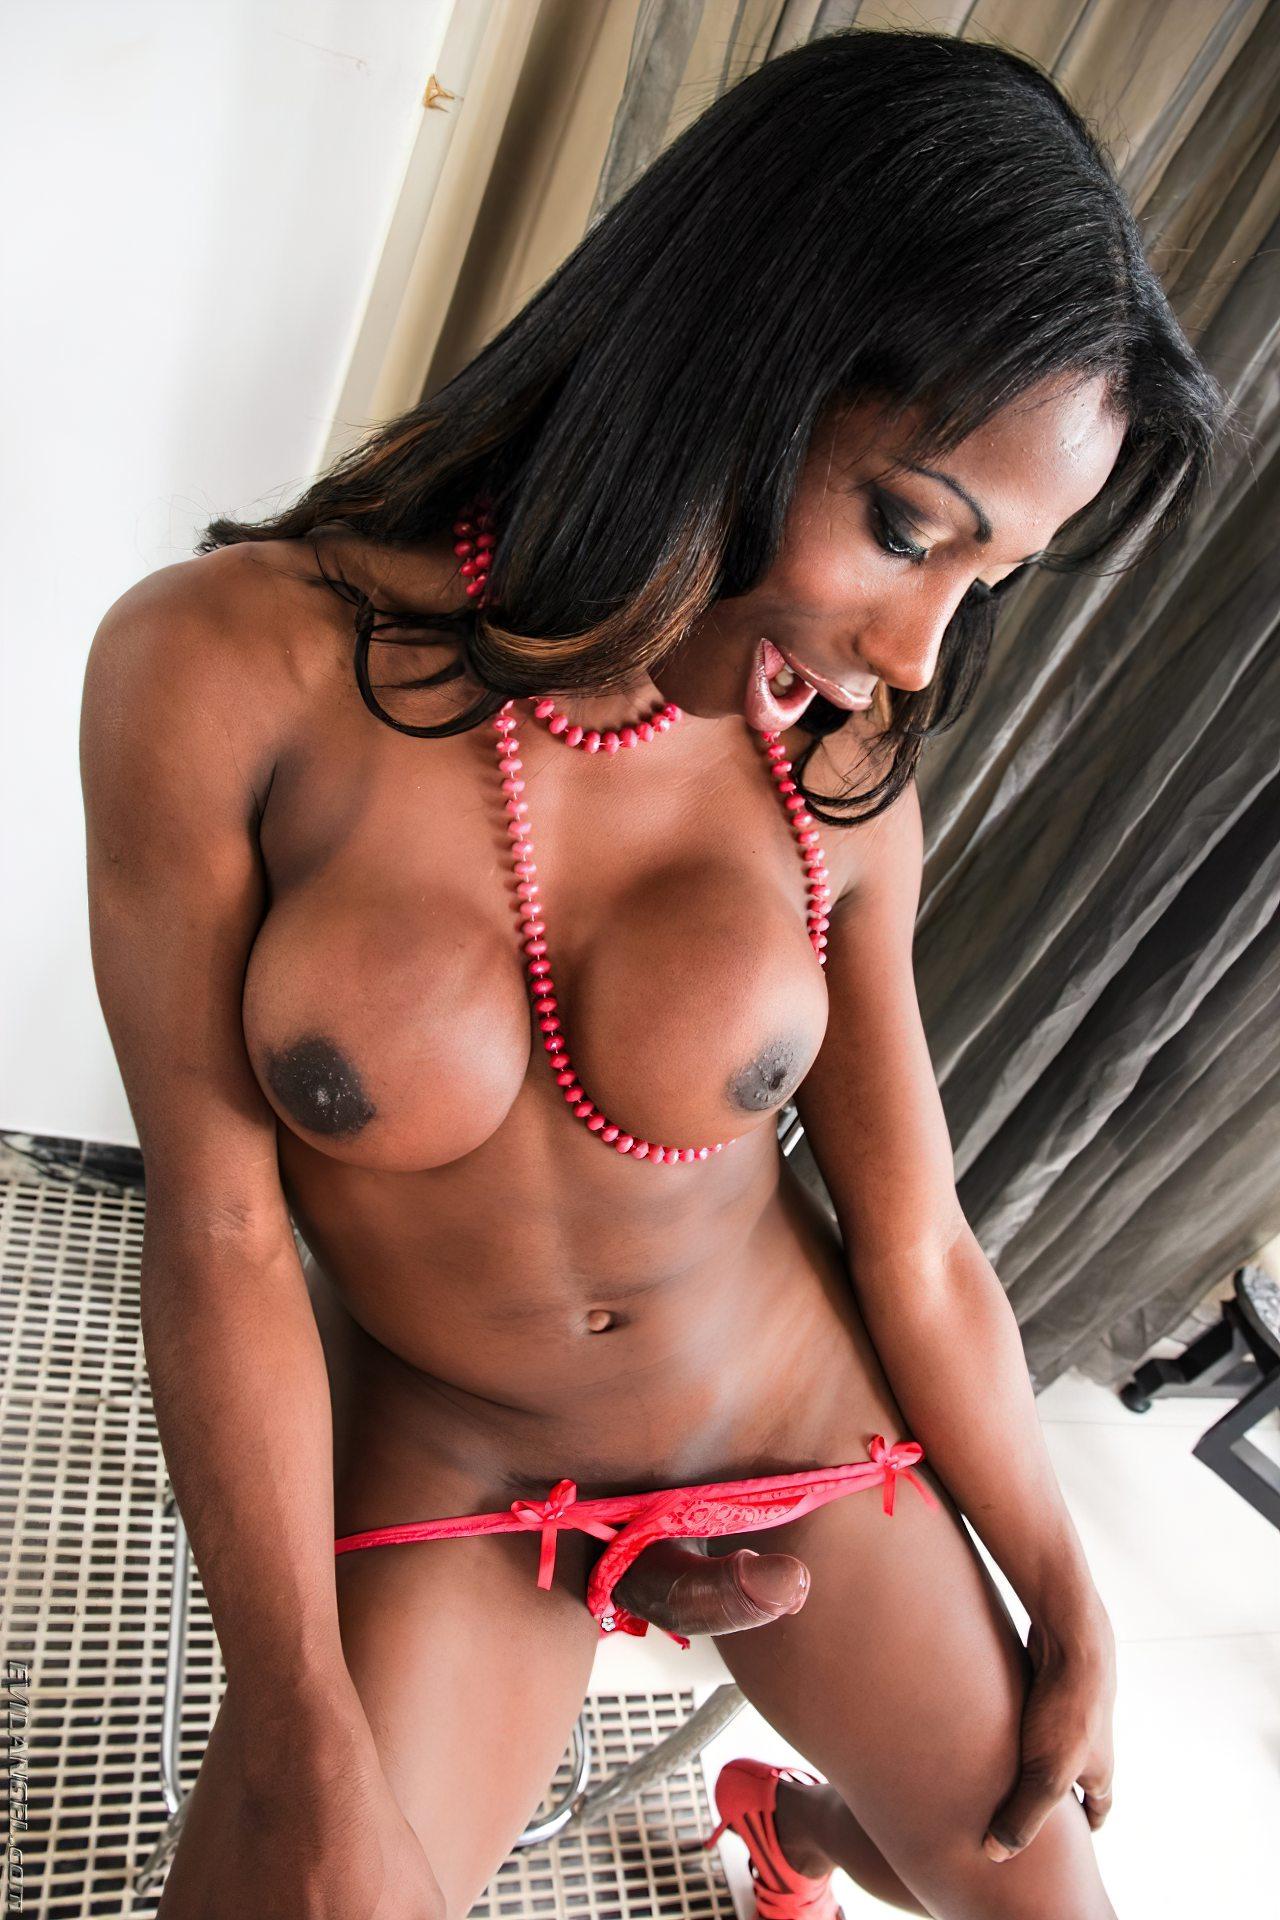 Shemale Negra (10)